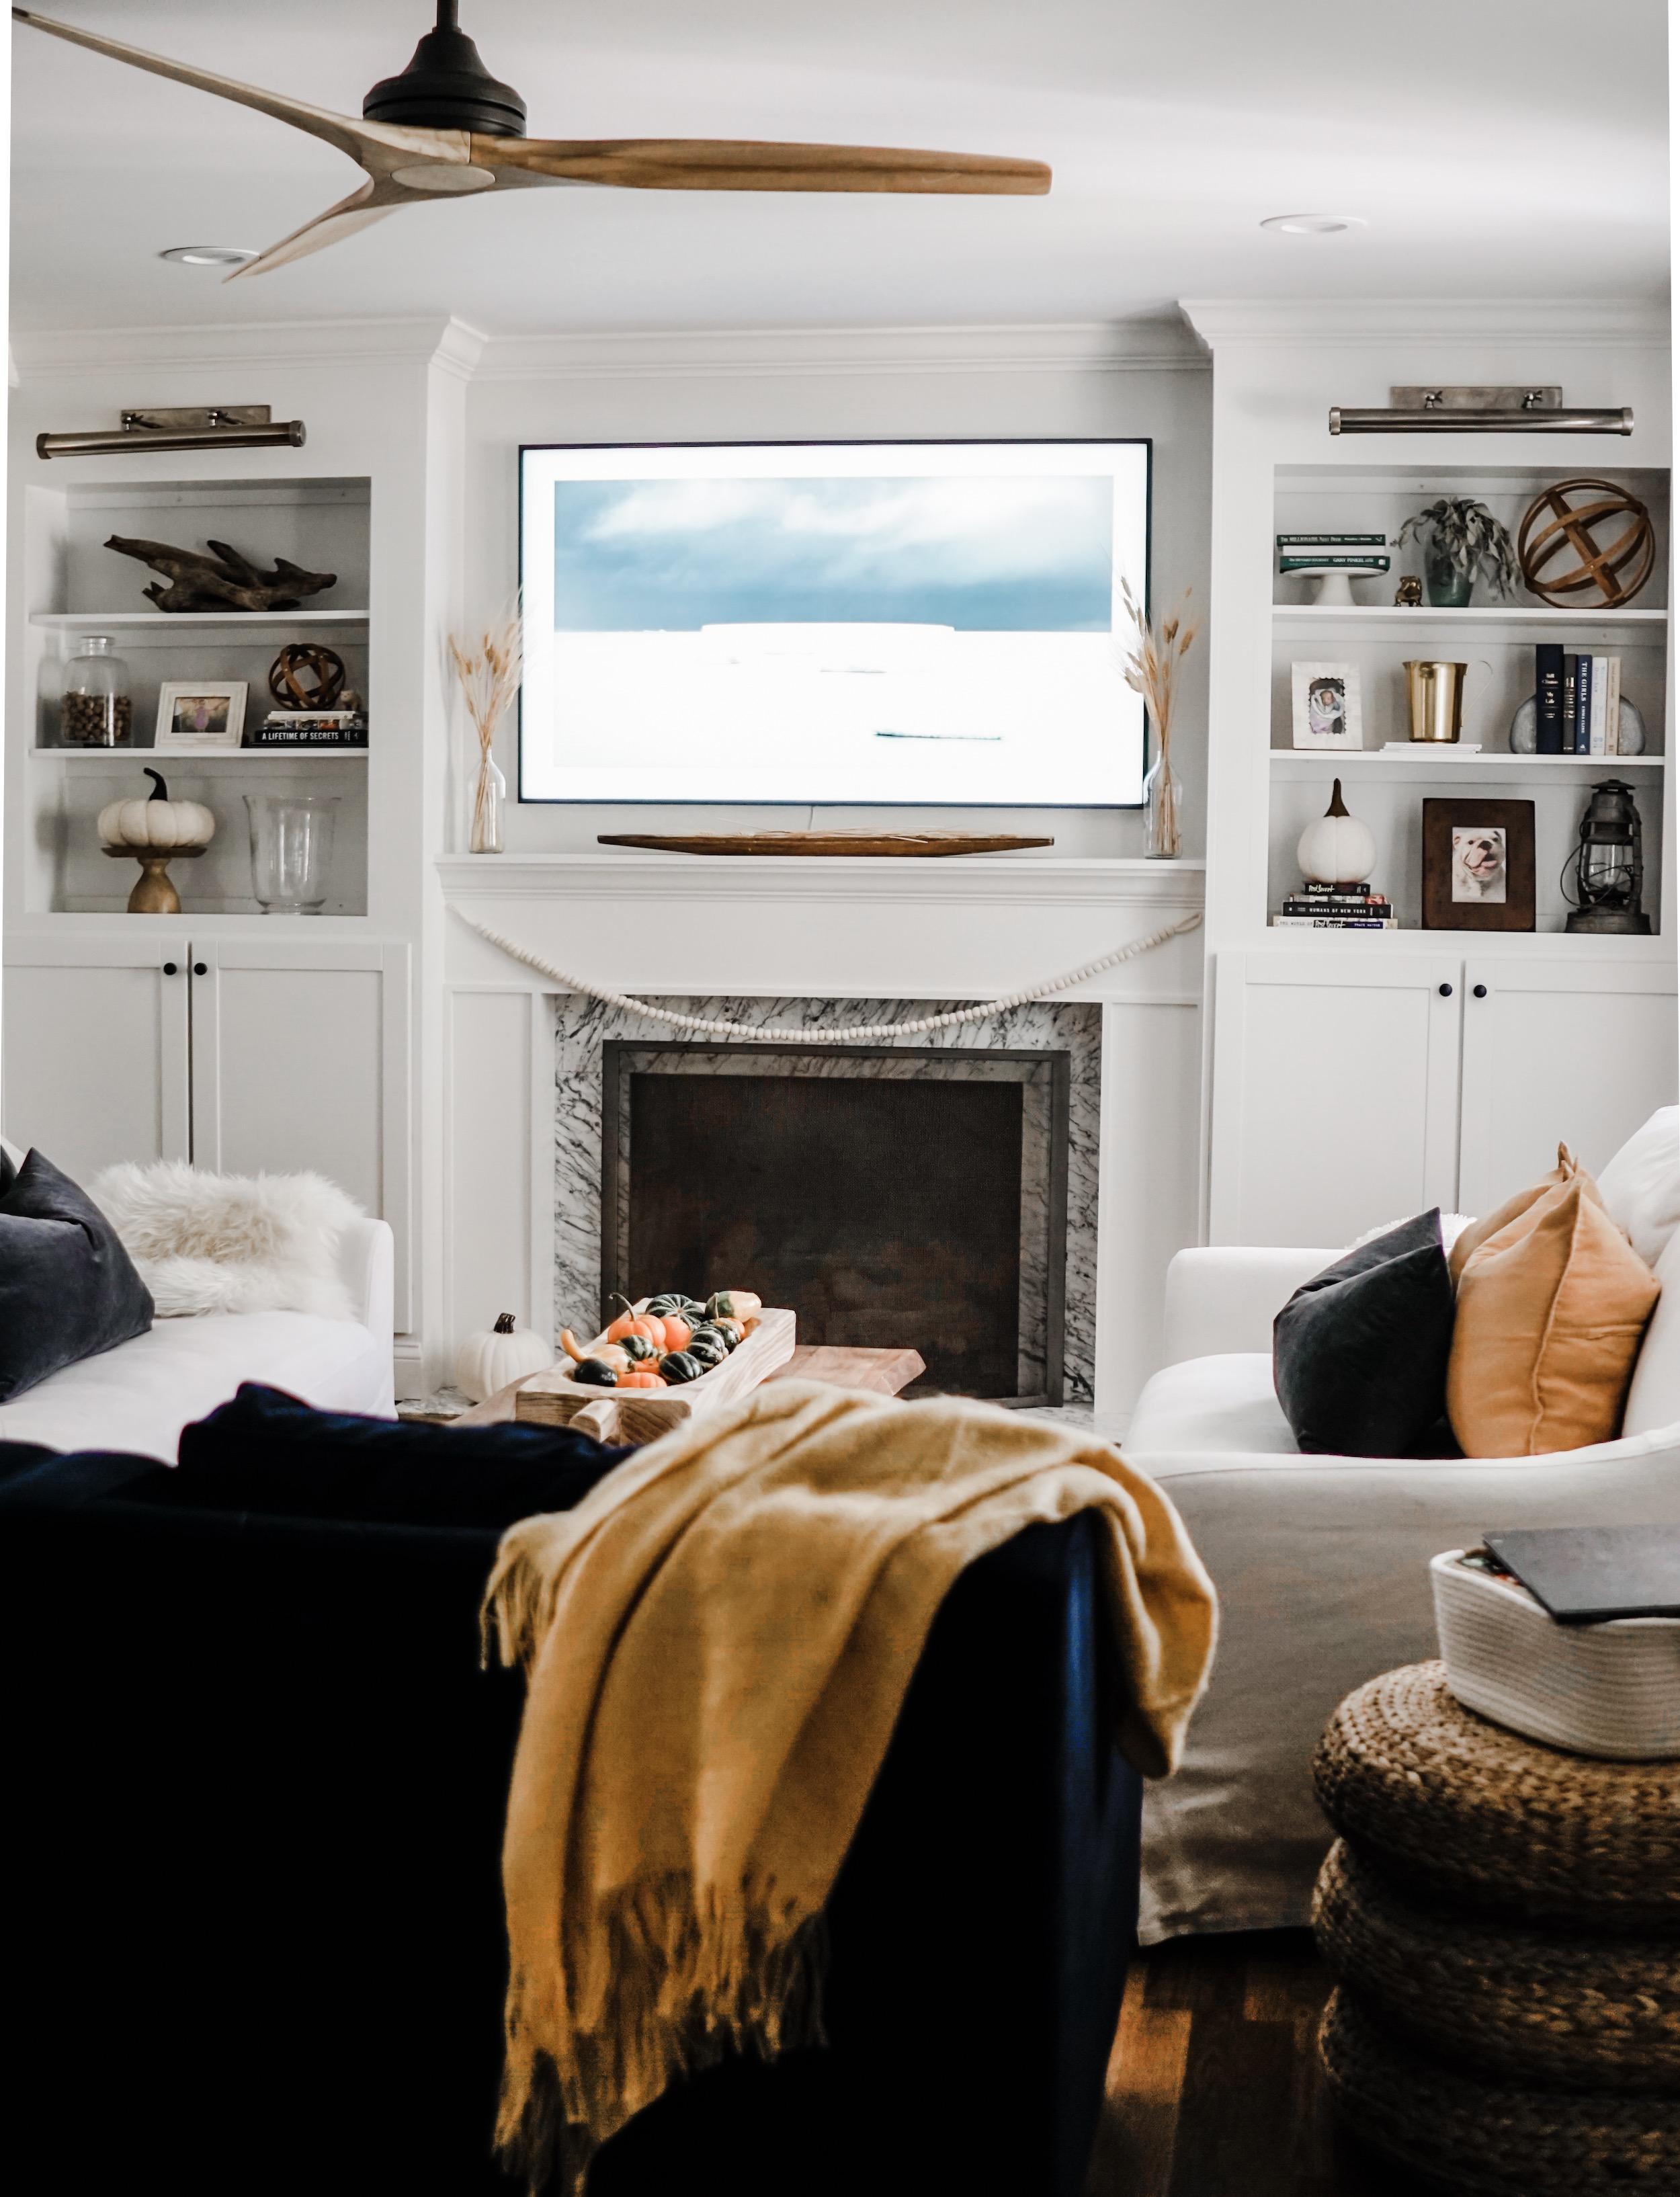 fall decor inspiration - Fall decor for built-ins // fall living room decor idea